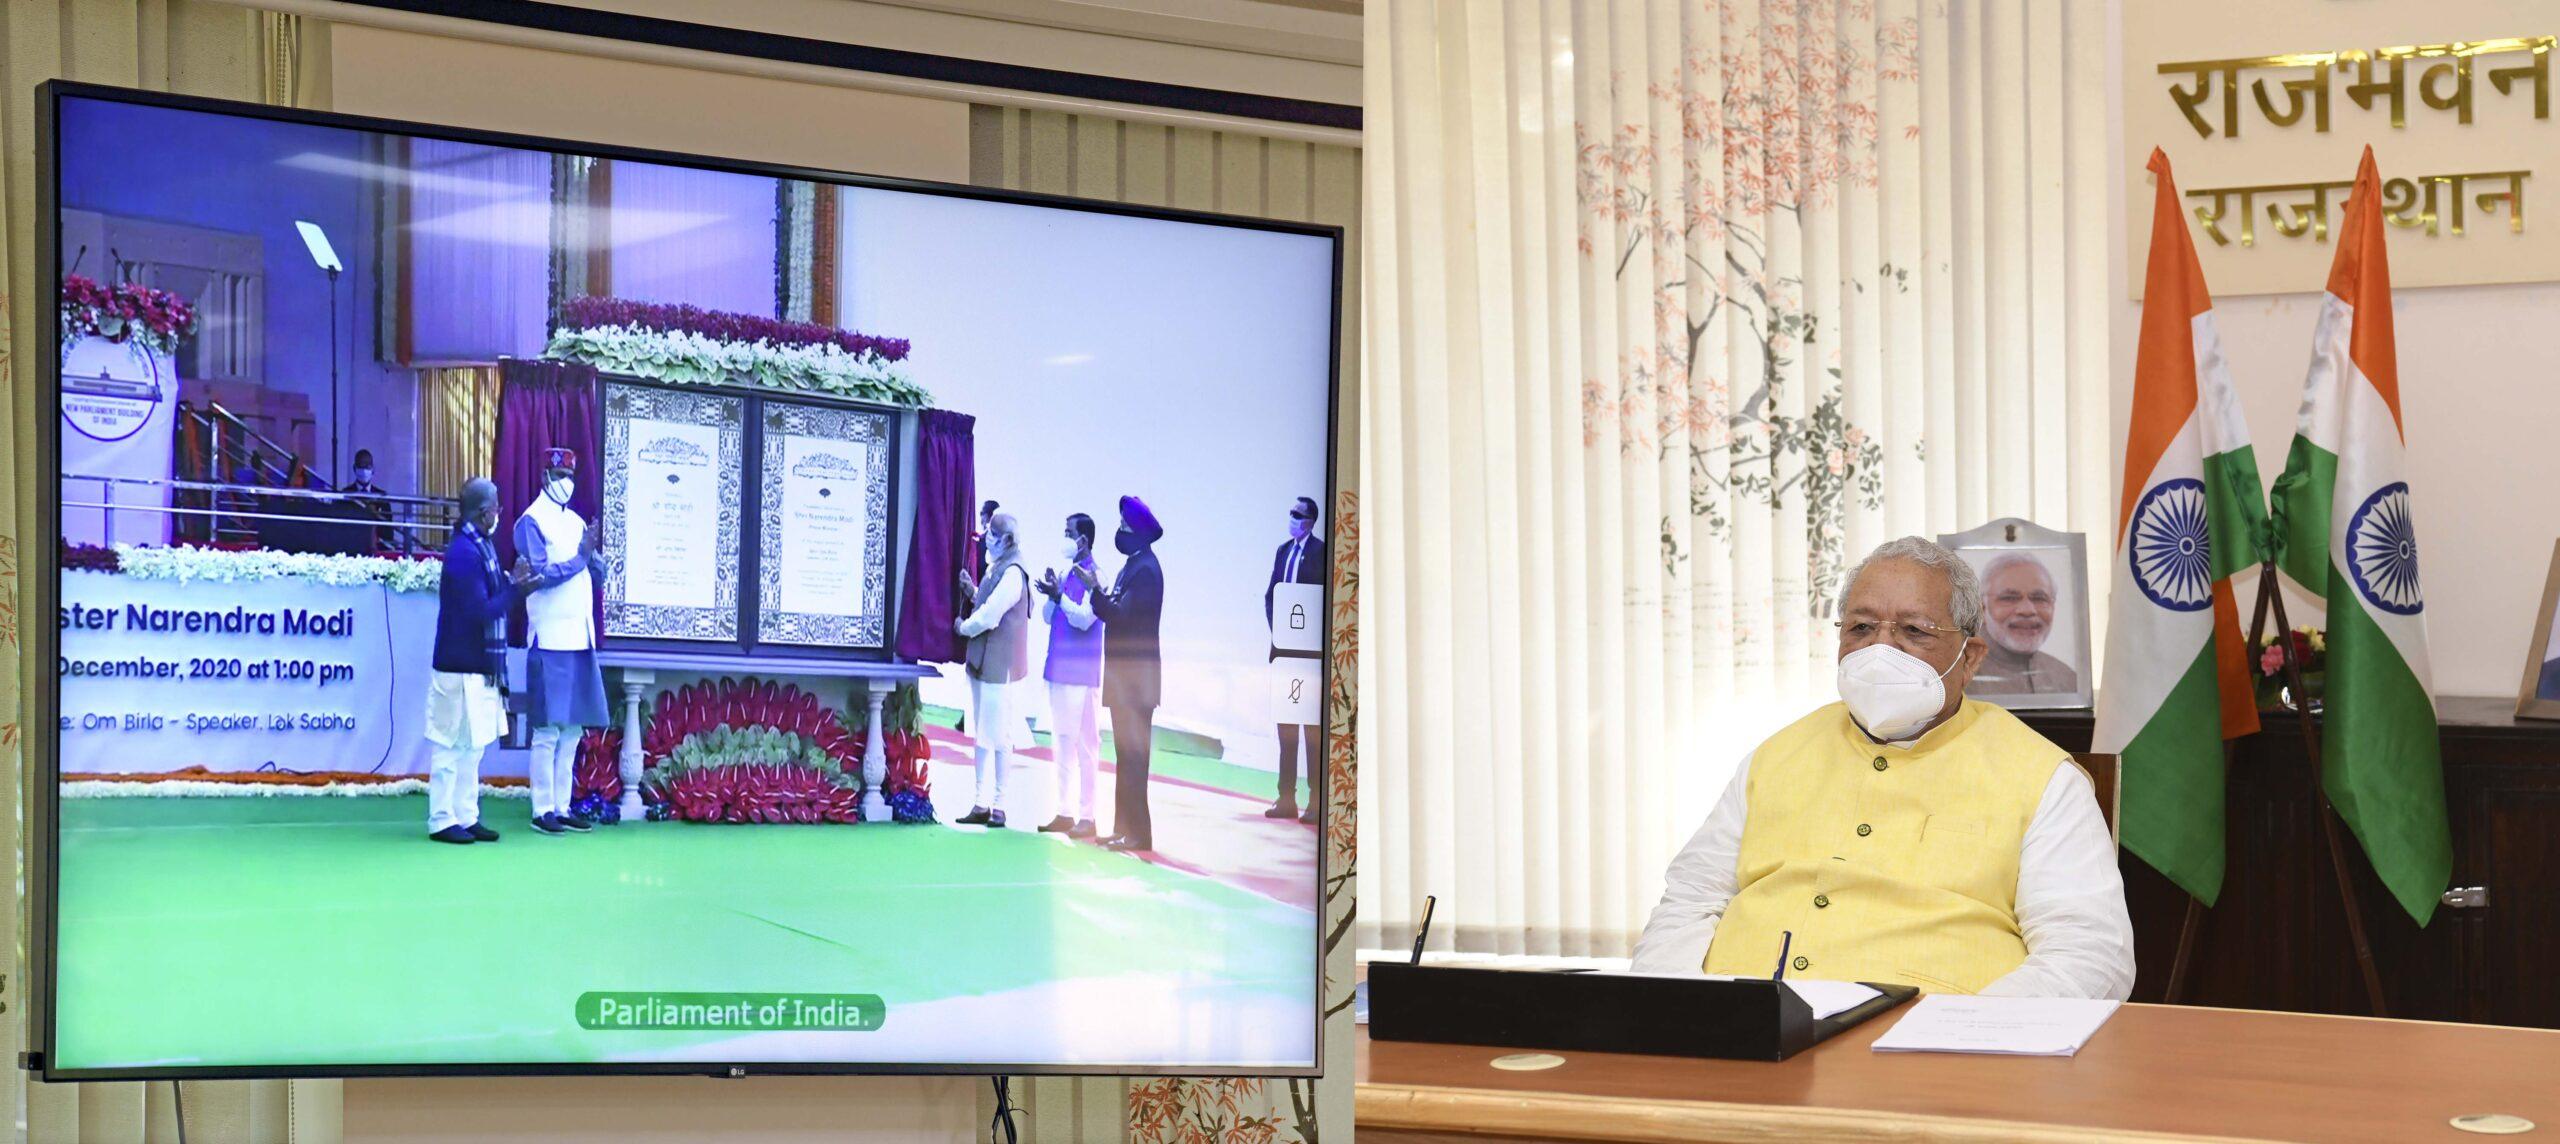 'भारत के नए संसद भवन के शिलान्यास पर बधाई और शुभकामनाएं